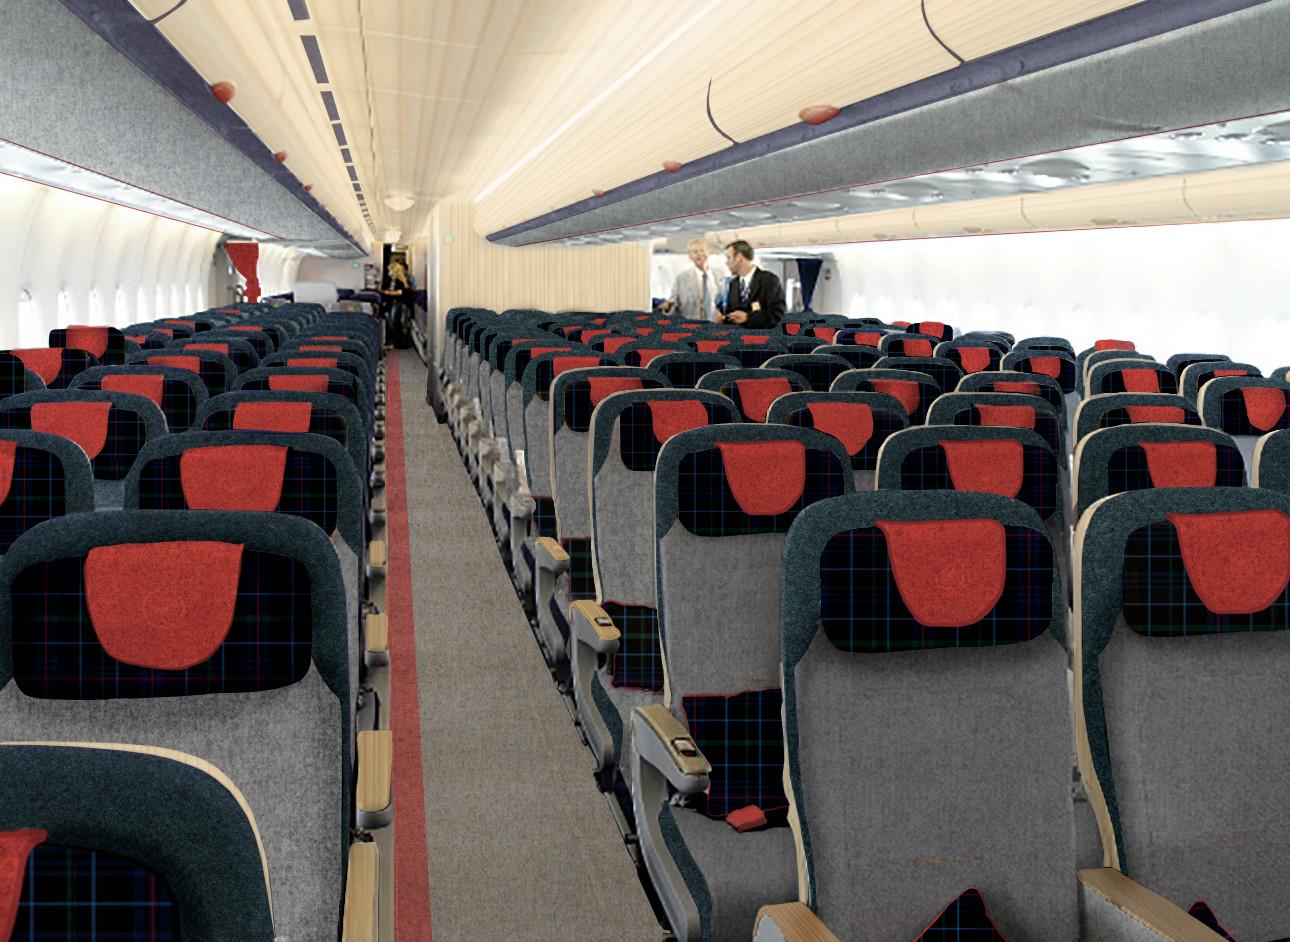 escenario avion personalizado.jpg